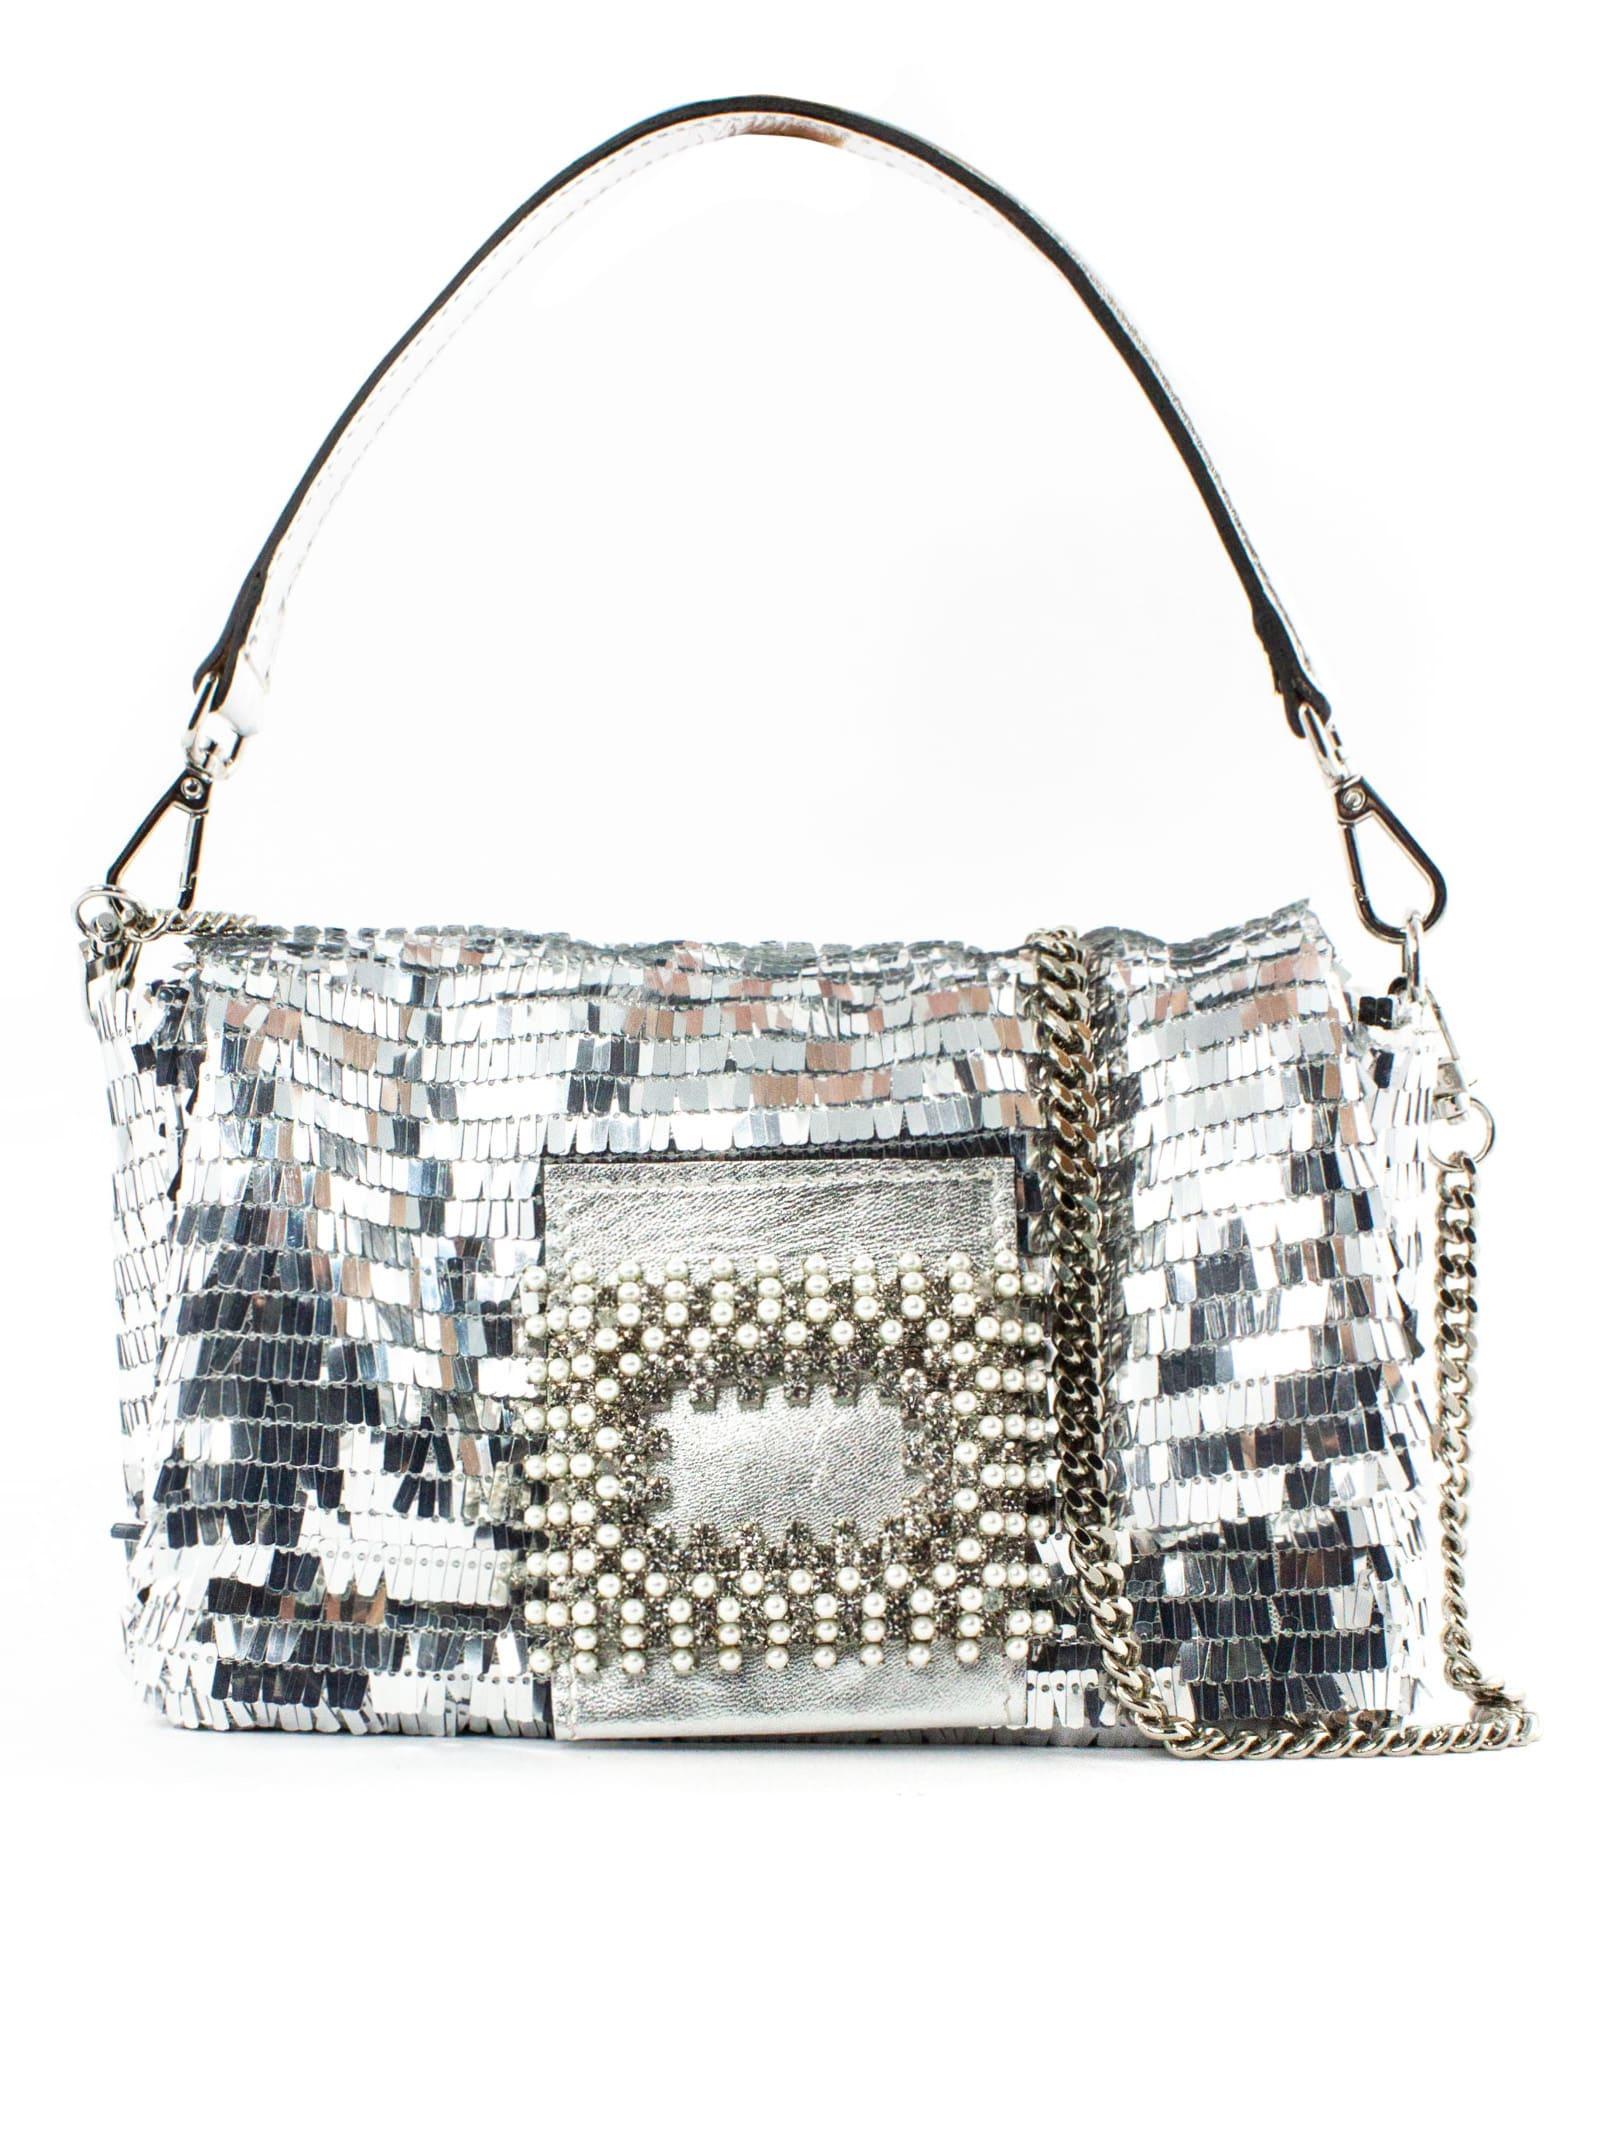 Mylove Shoulder Bag In Silver Paillettes